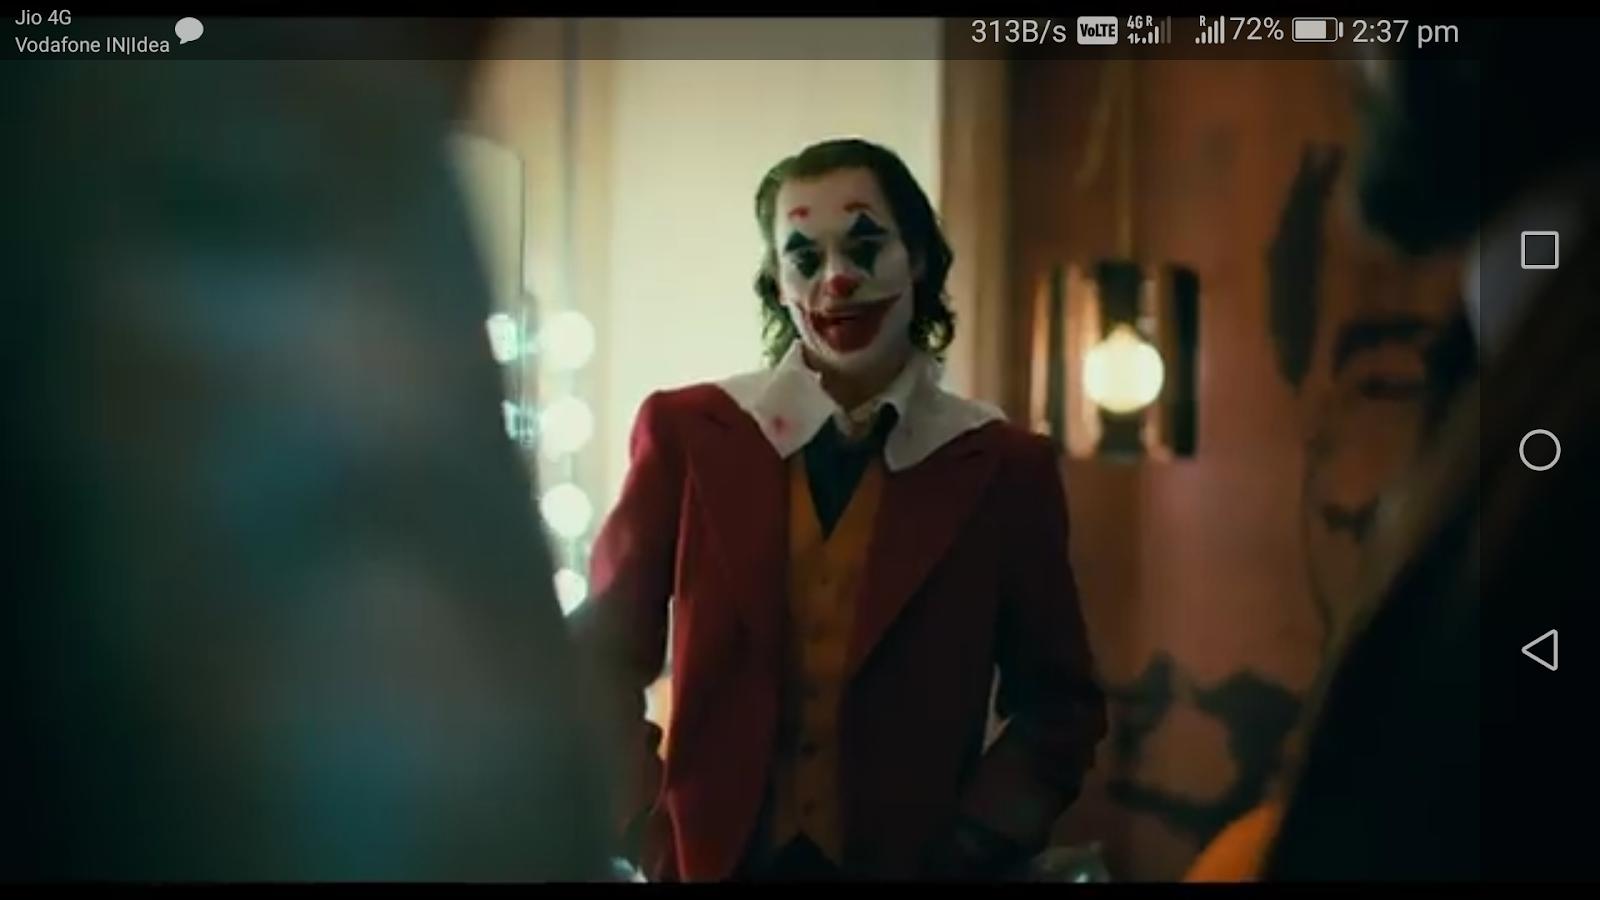 Hindi Movie Joker Tamil Dubbed Full Download Descargar